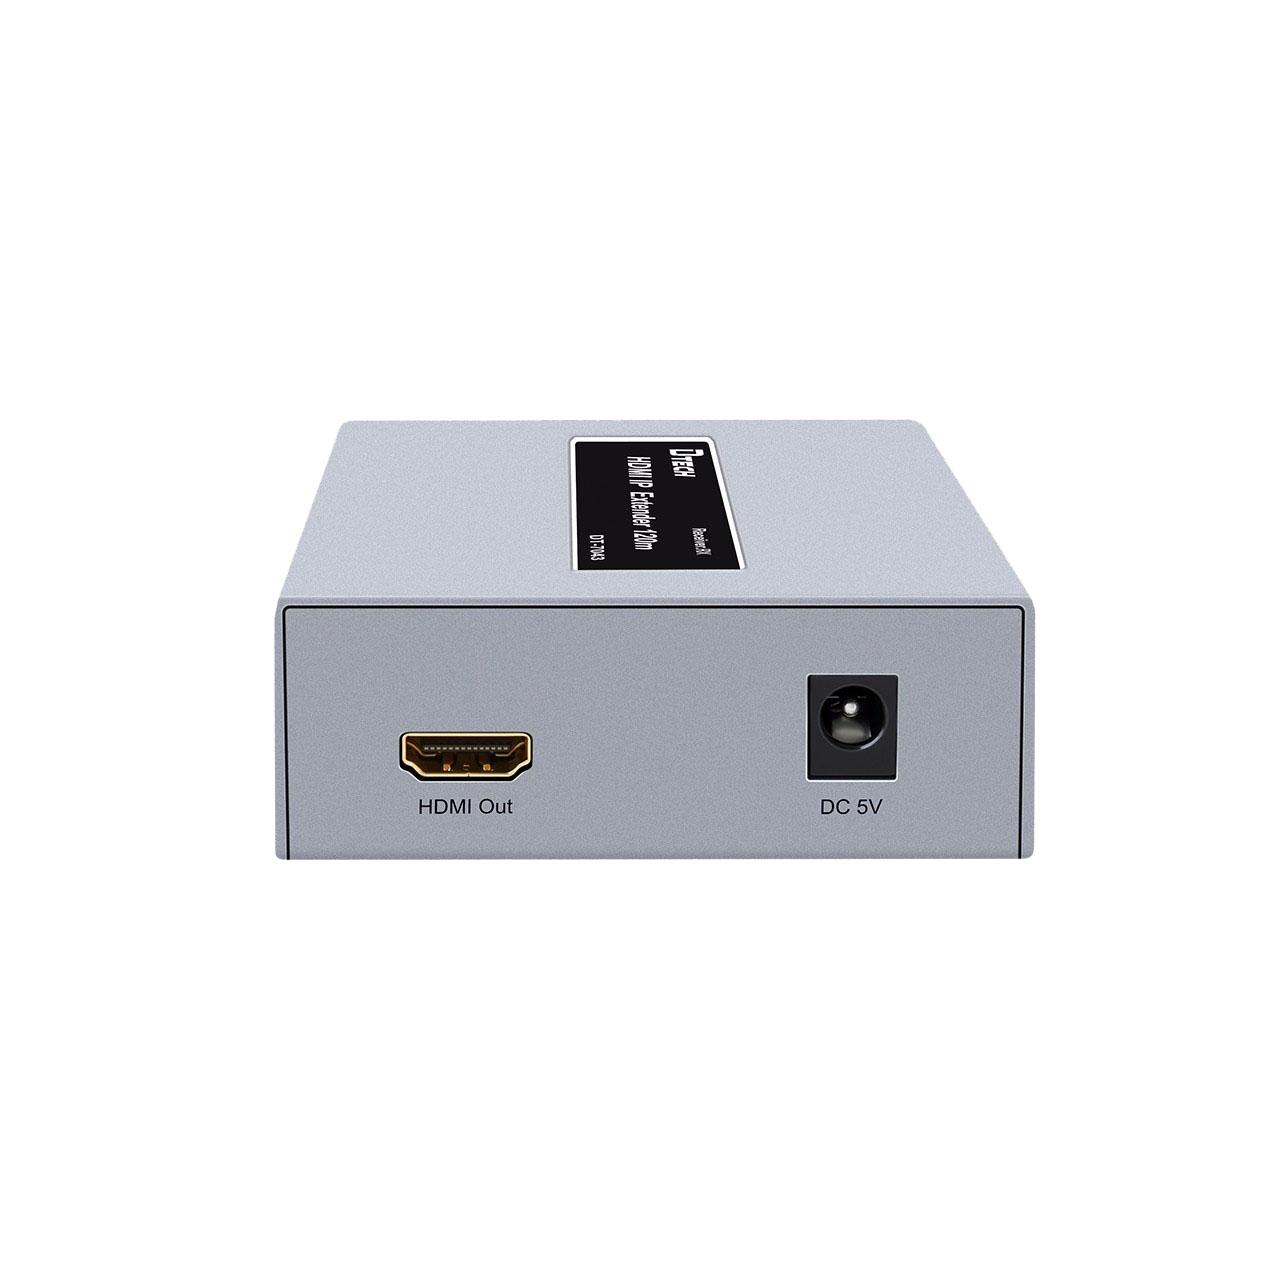 Bộ kéo dài HDMI 120M qua cáp mạng DTECH DT-7043 - Hàng Chính Hãng